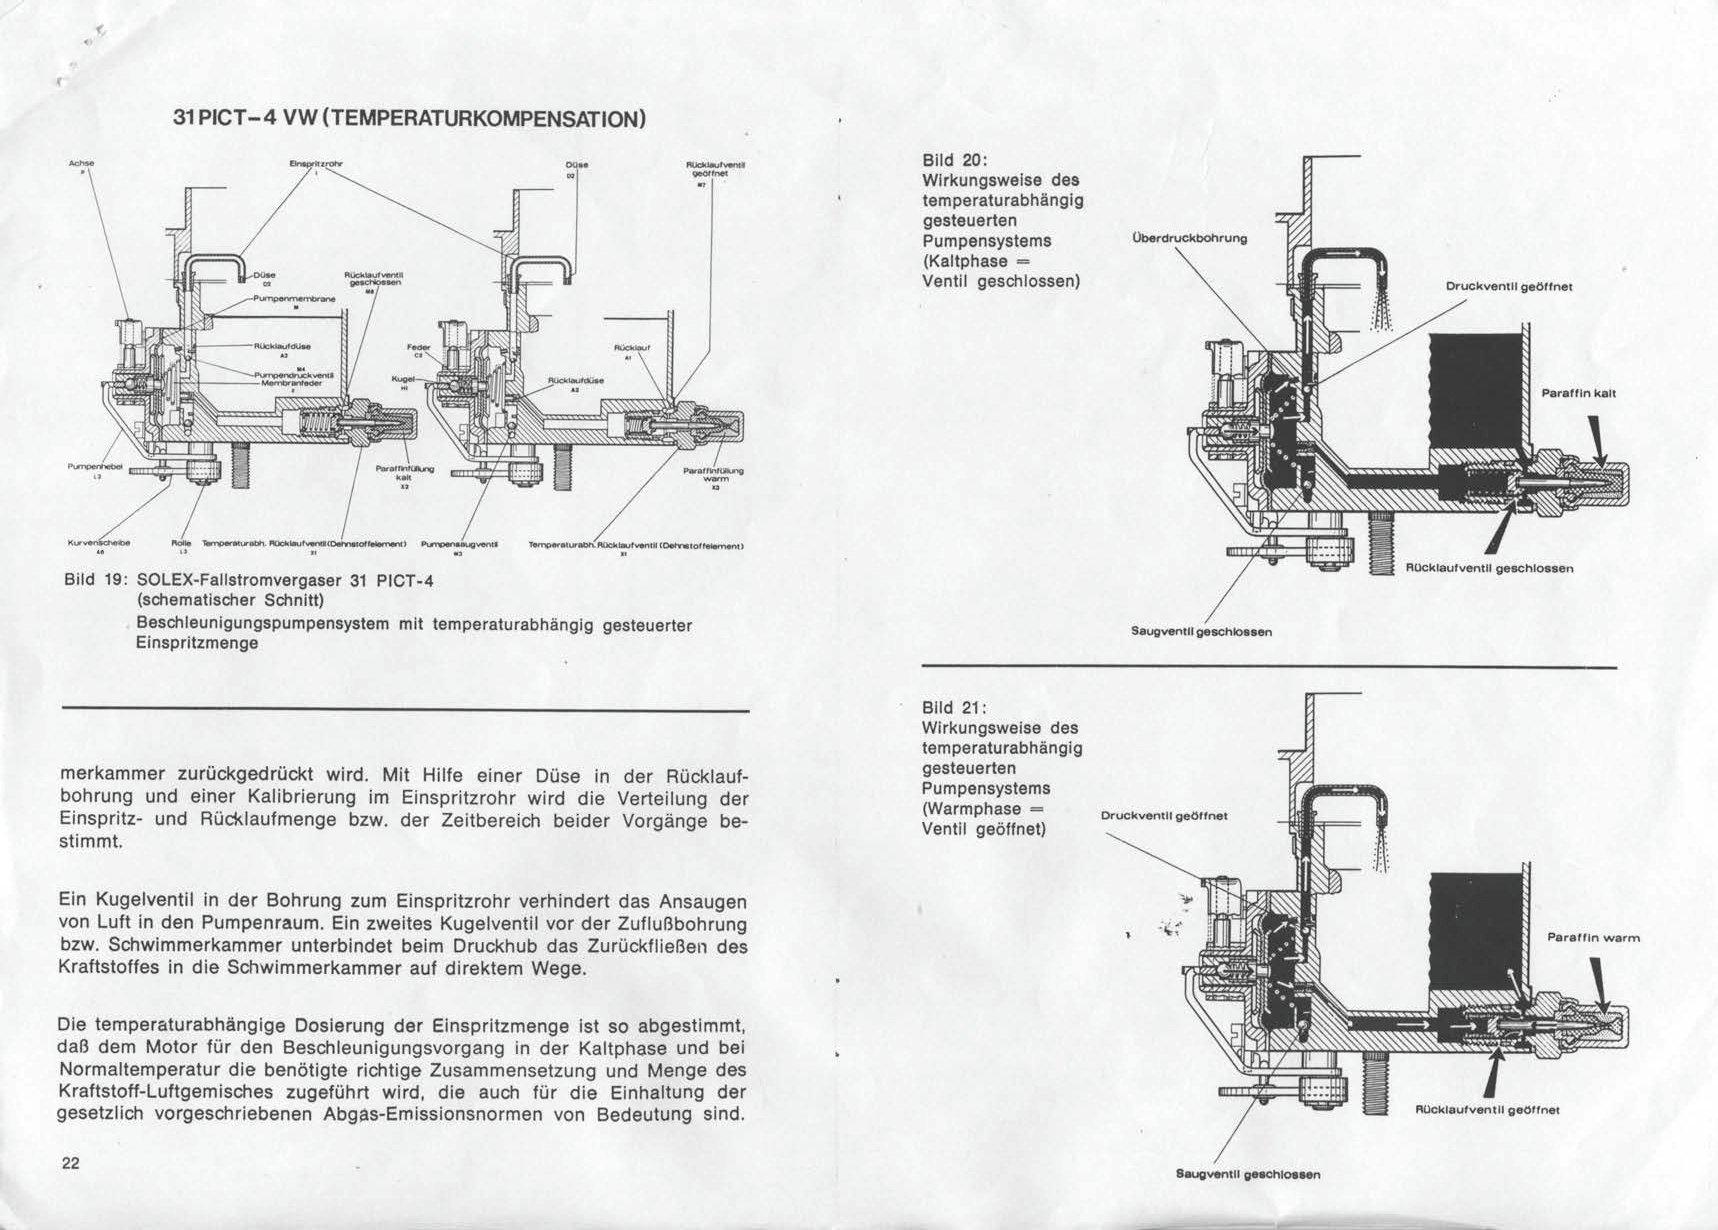 thesamba com solex carburetor manual 30 34 pict3 31 34 pict 4 rh thesamba com solex pierburg carburetors manual solex pierburg carburettor haynes manual